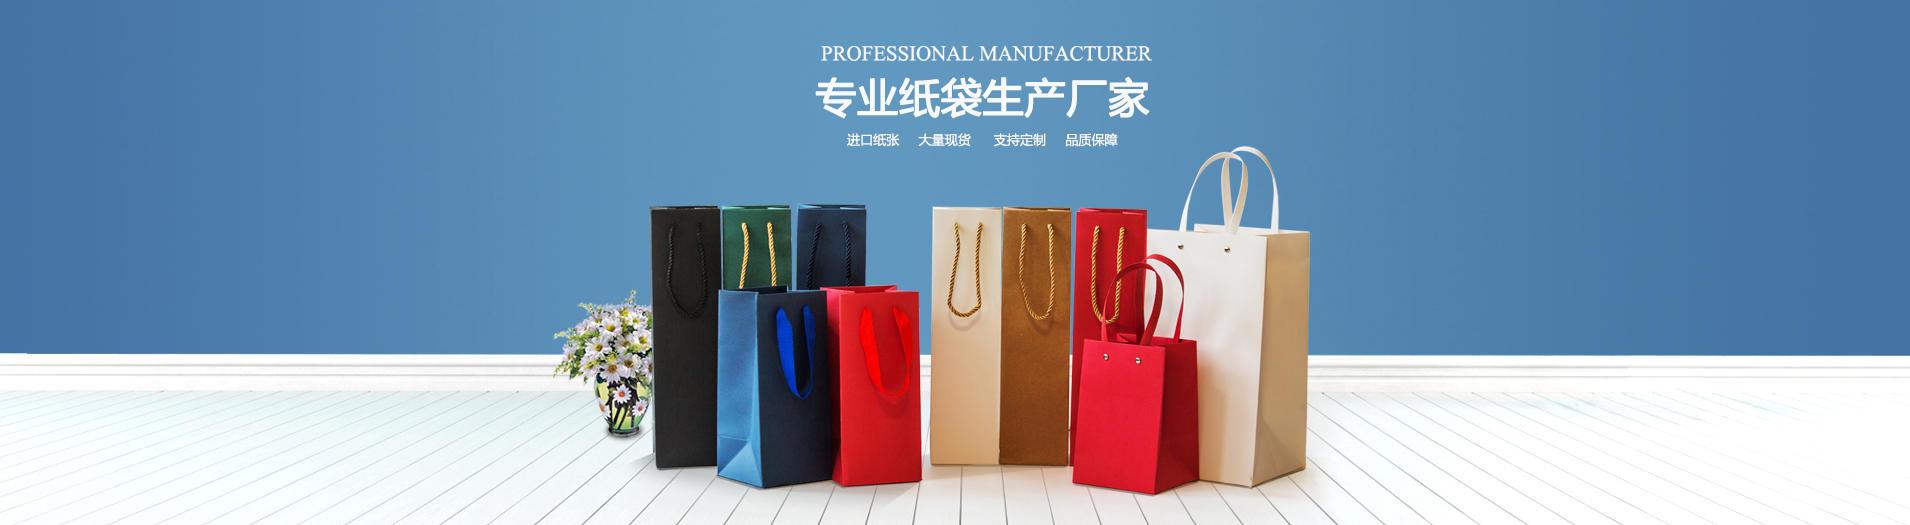 上海包装印刷